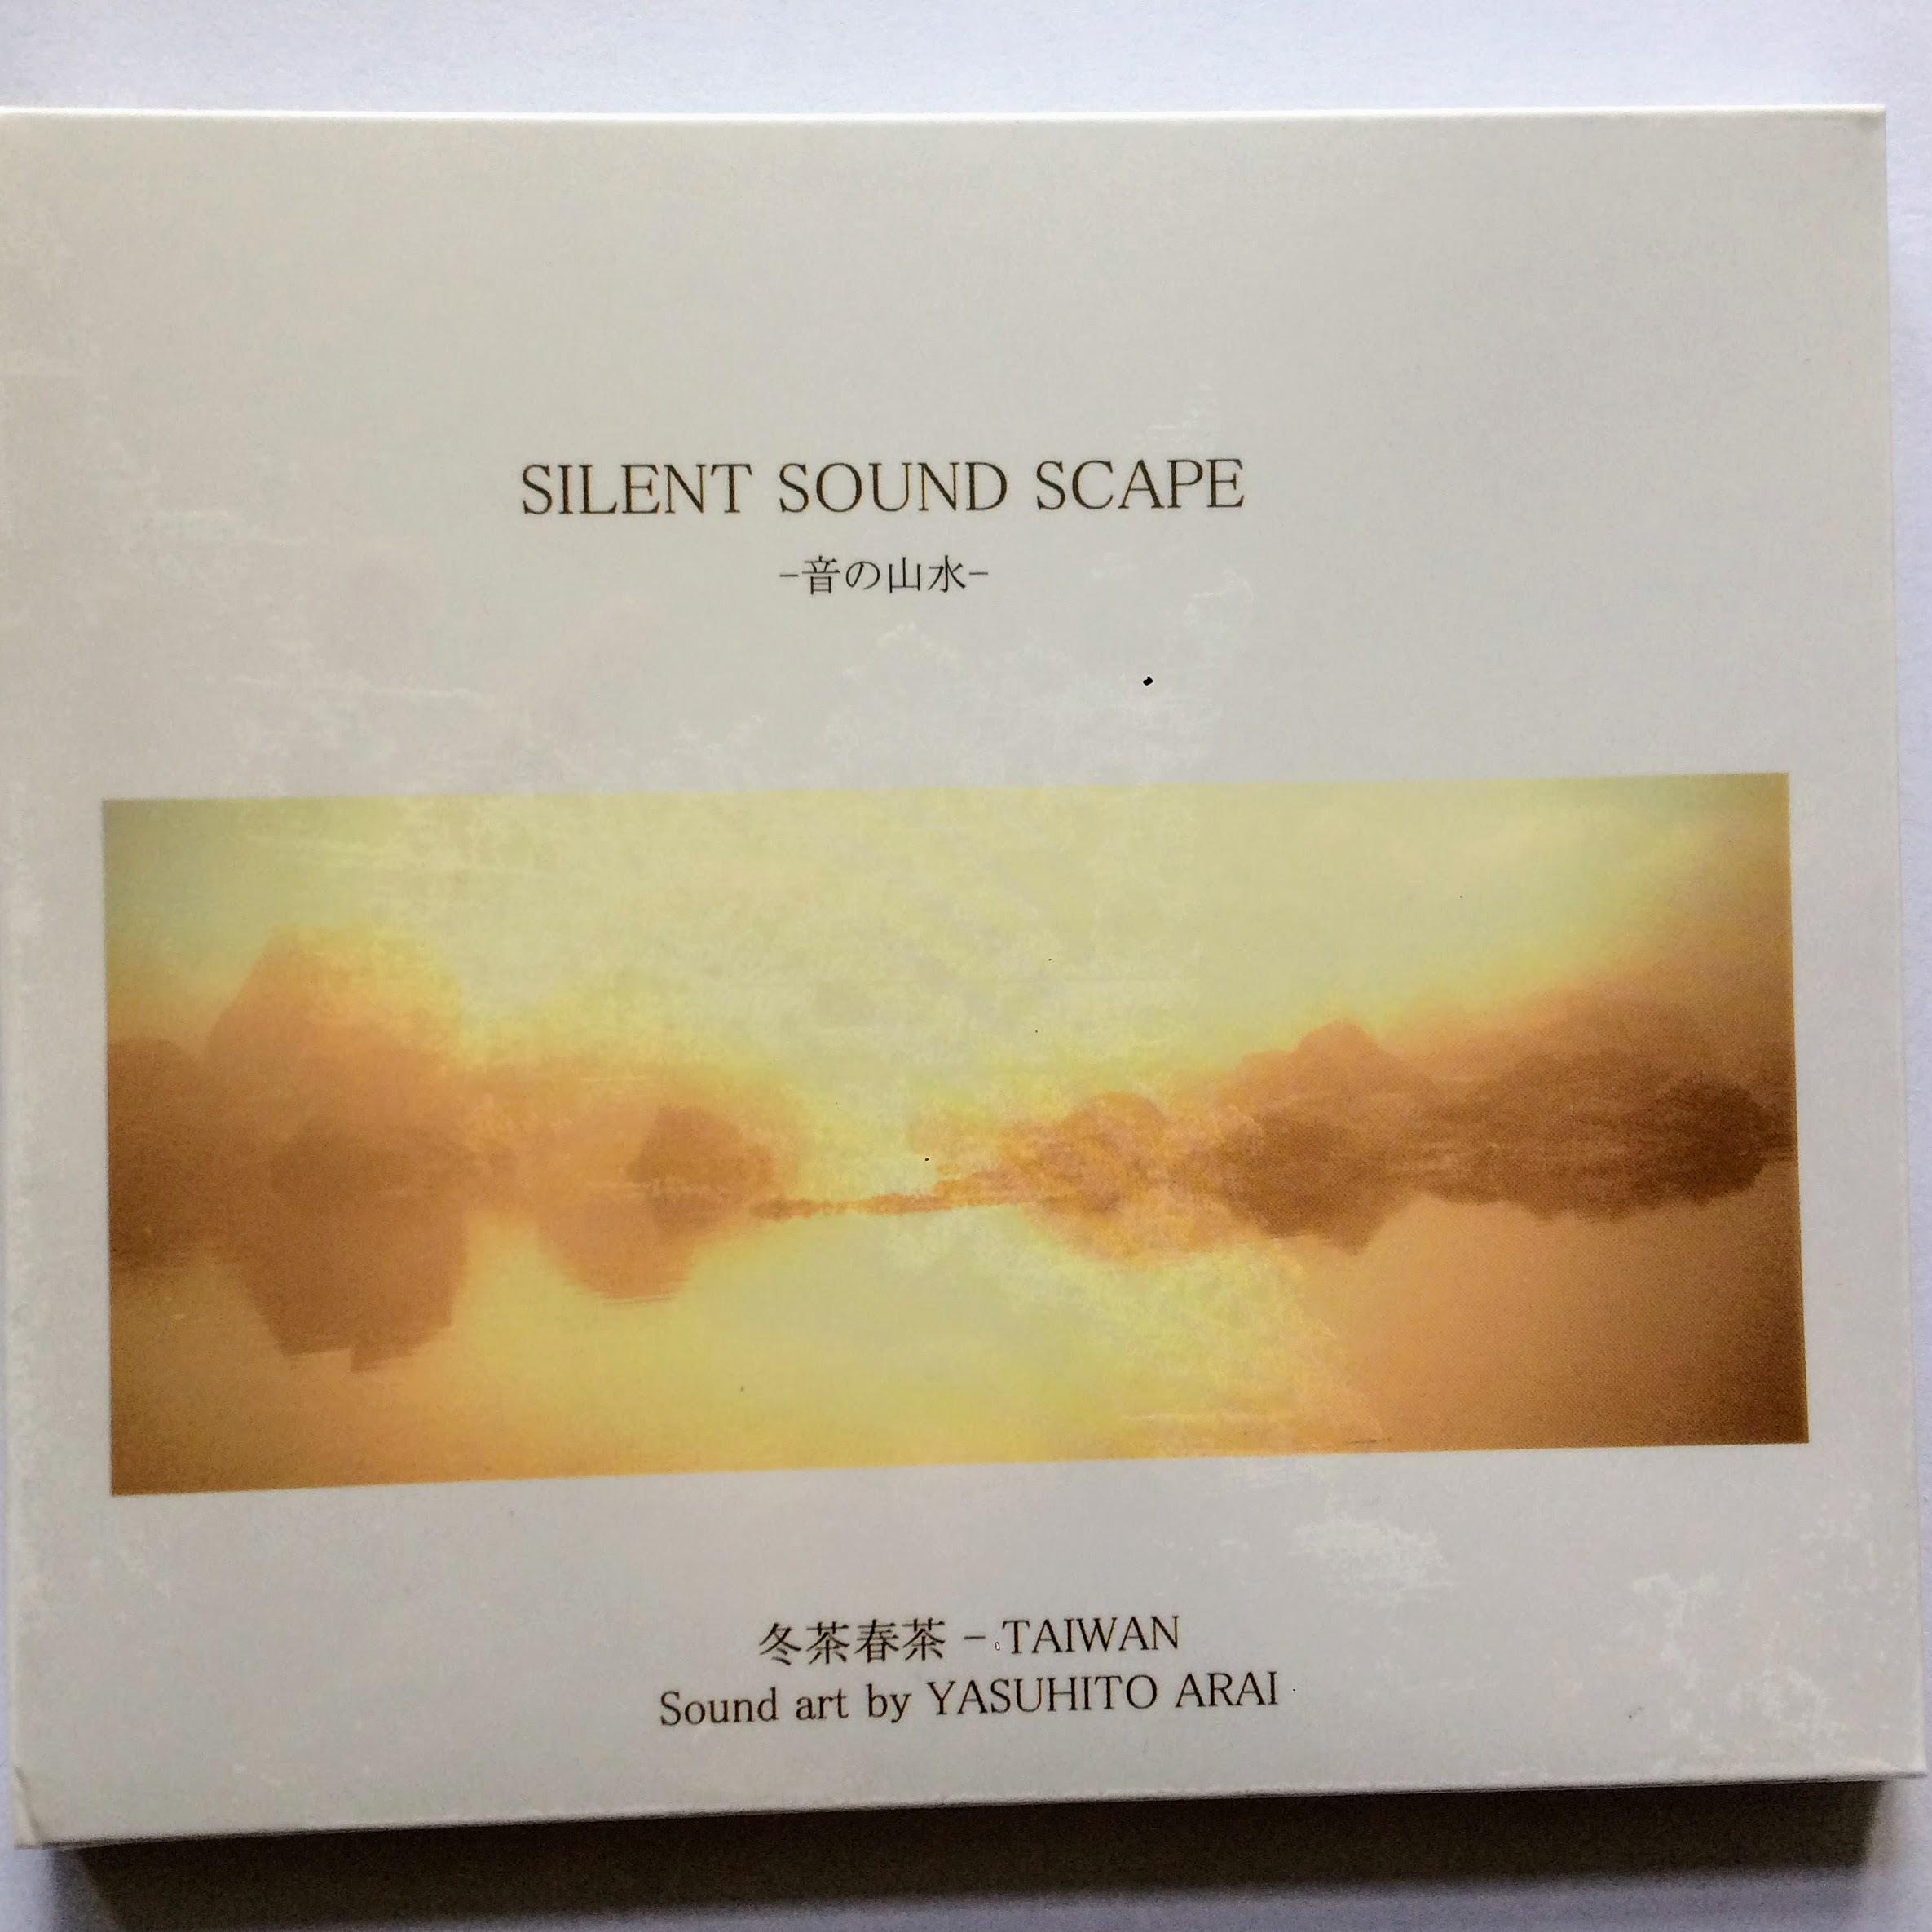 日本発送☆CDアルバム「SILENT SOUND SCAPE~音の山水~冬茶春茶 Taiwan」YASUHITO ARAI